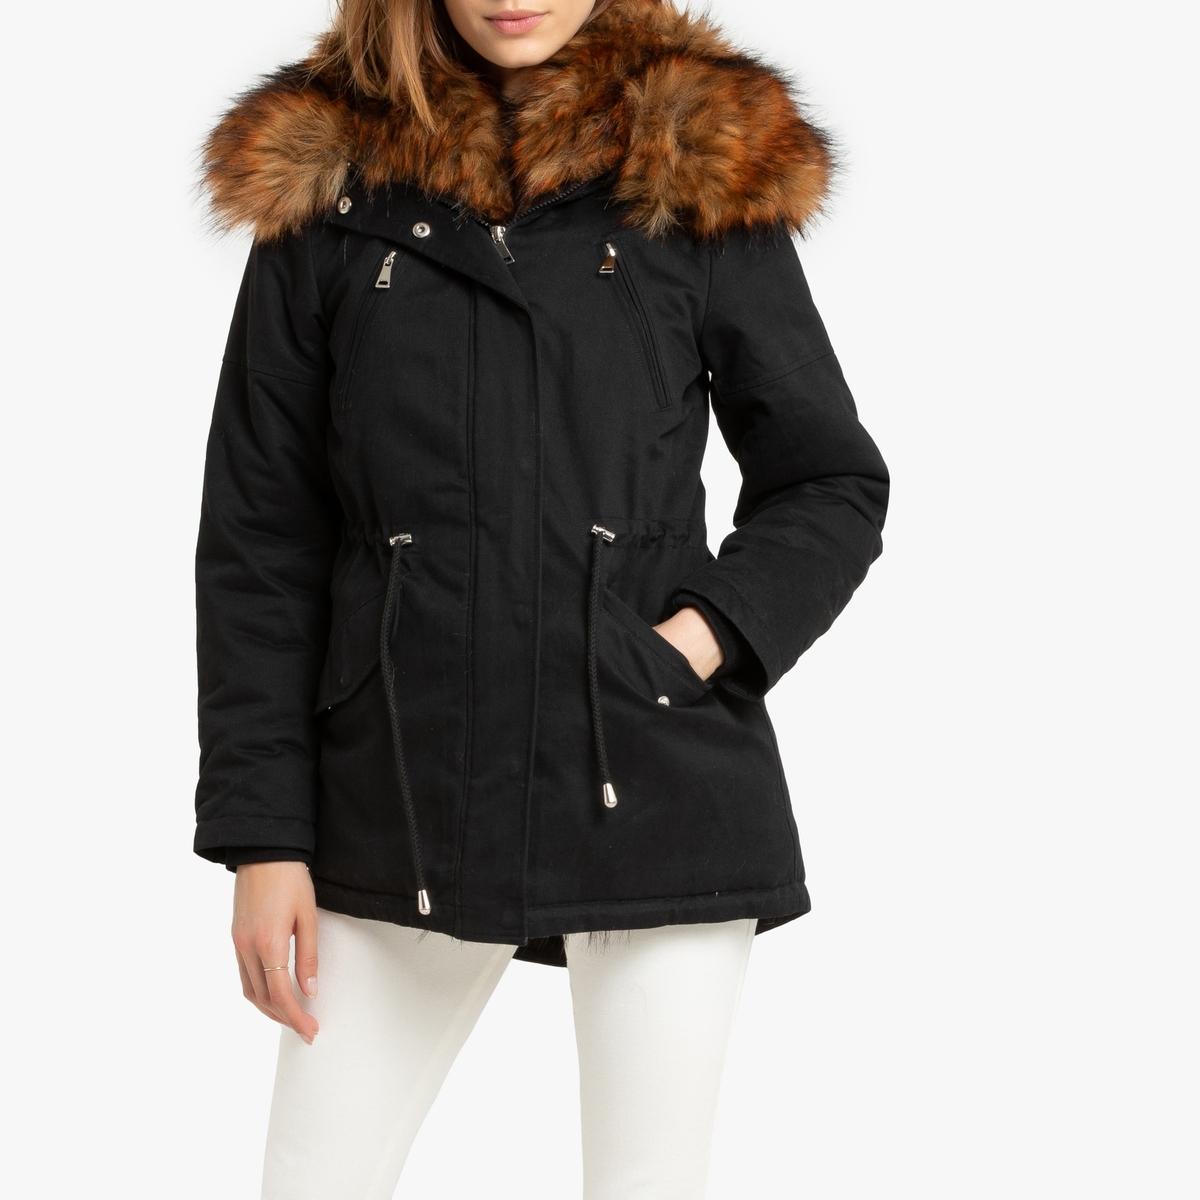 Пальто La Redoute Средней длины с капюшоном из искусственного меха M черный